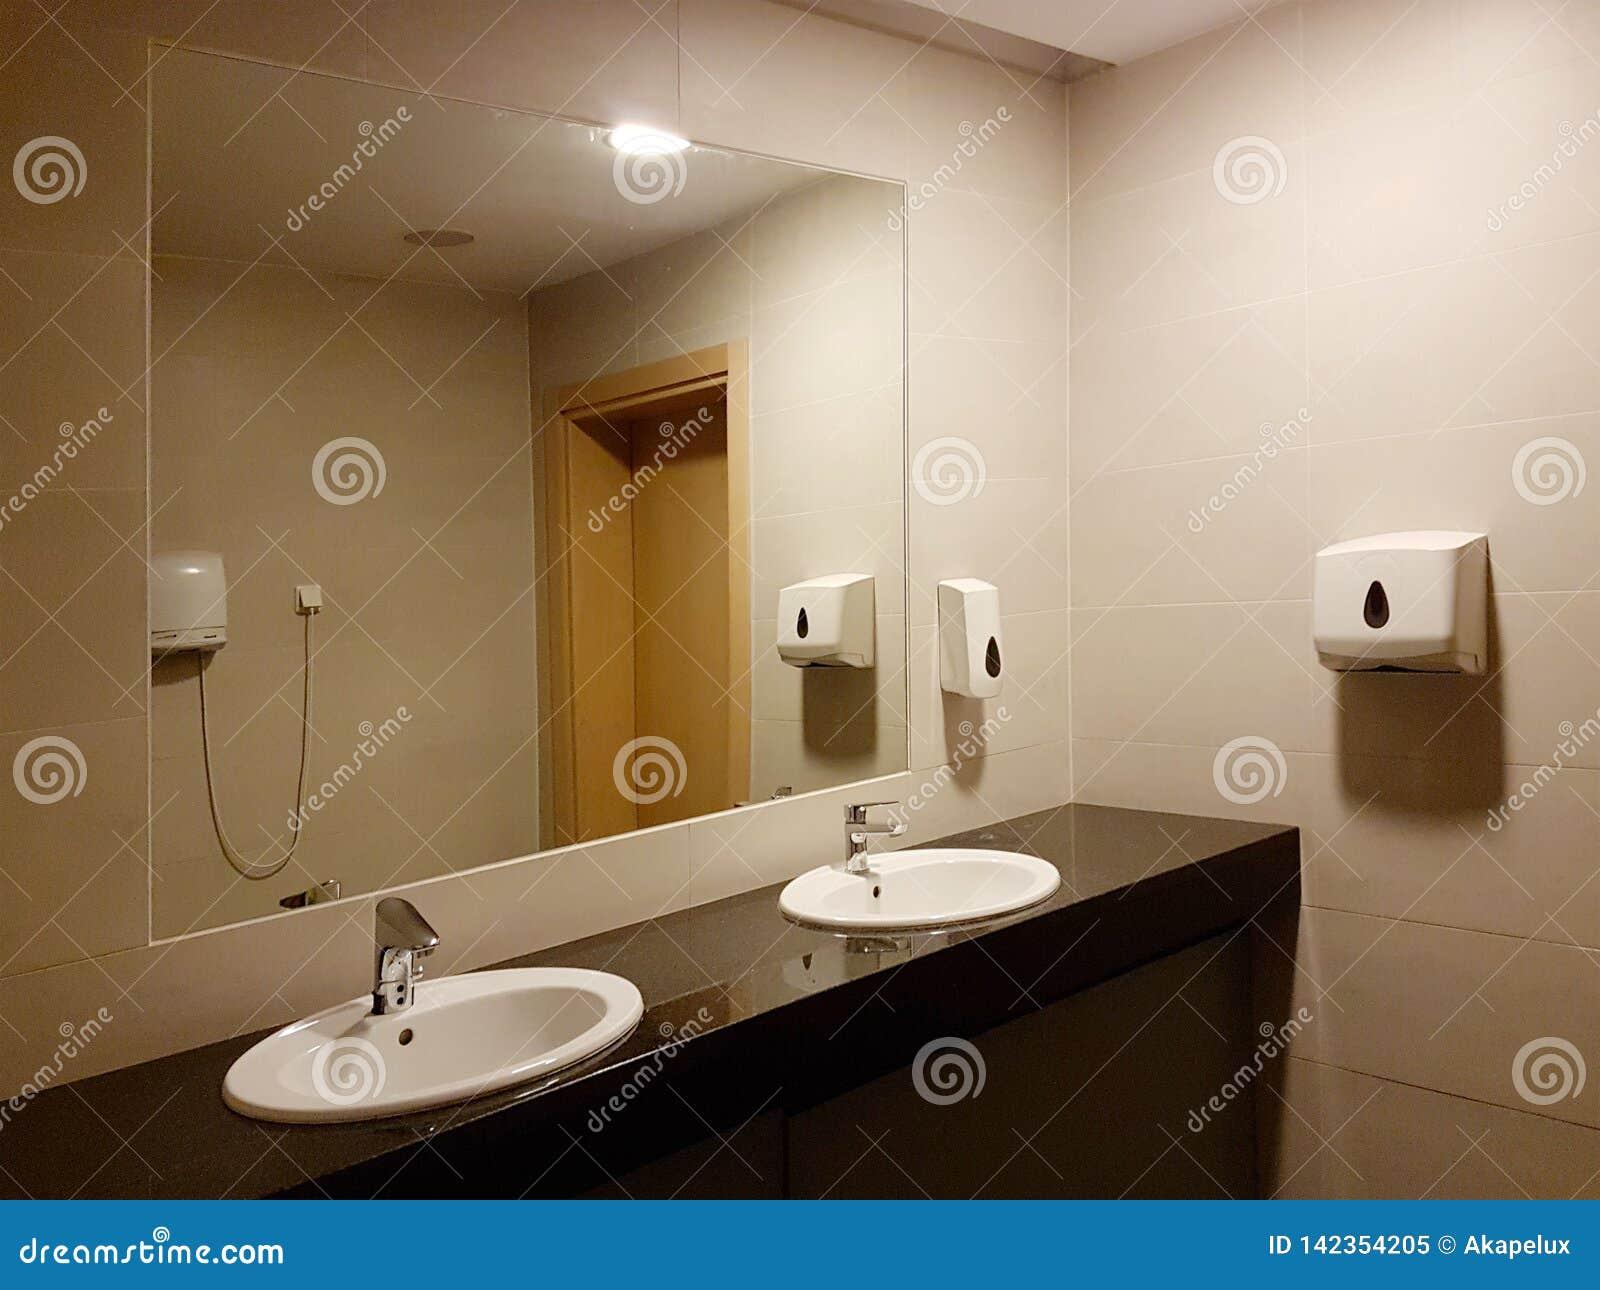 Espejos Redondos Lavabo.Cuarto De Bano Interior En Blanco Y Negro Lavabos De